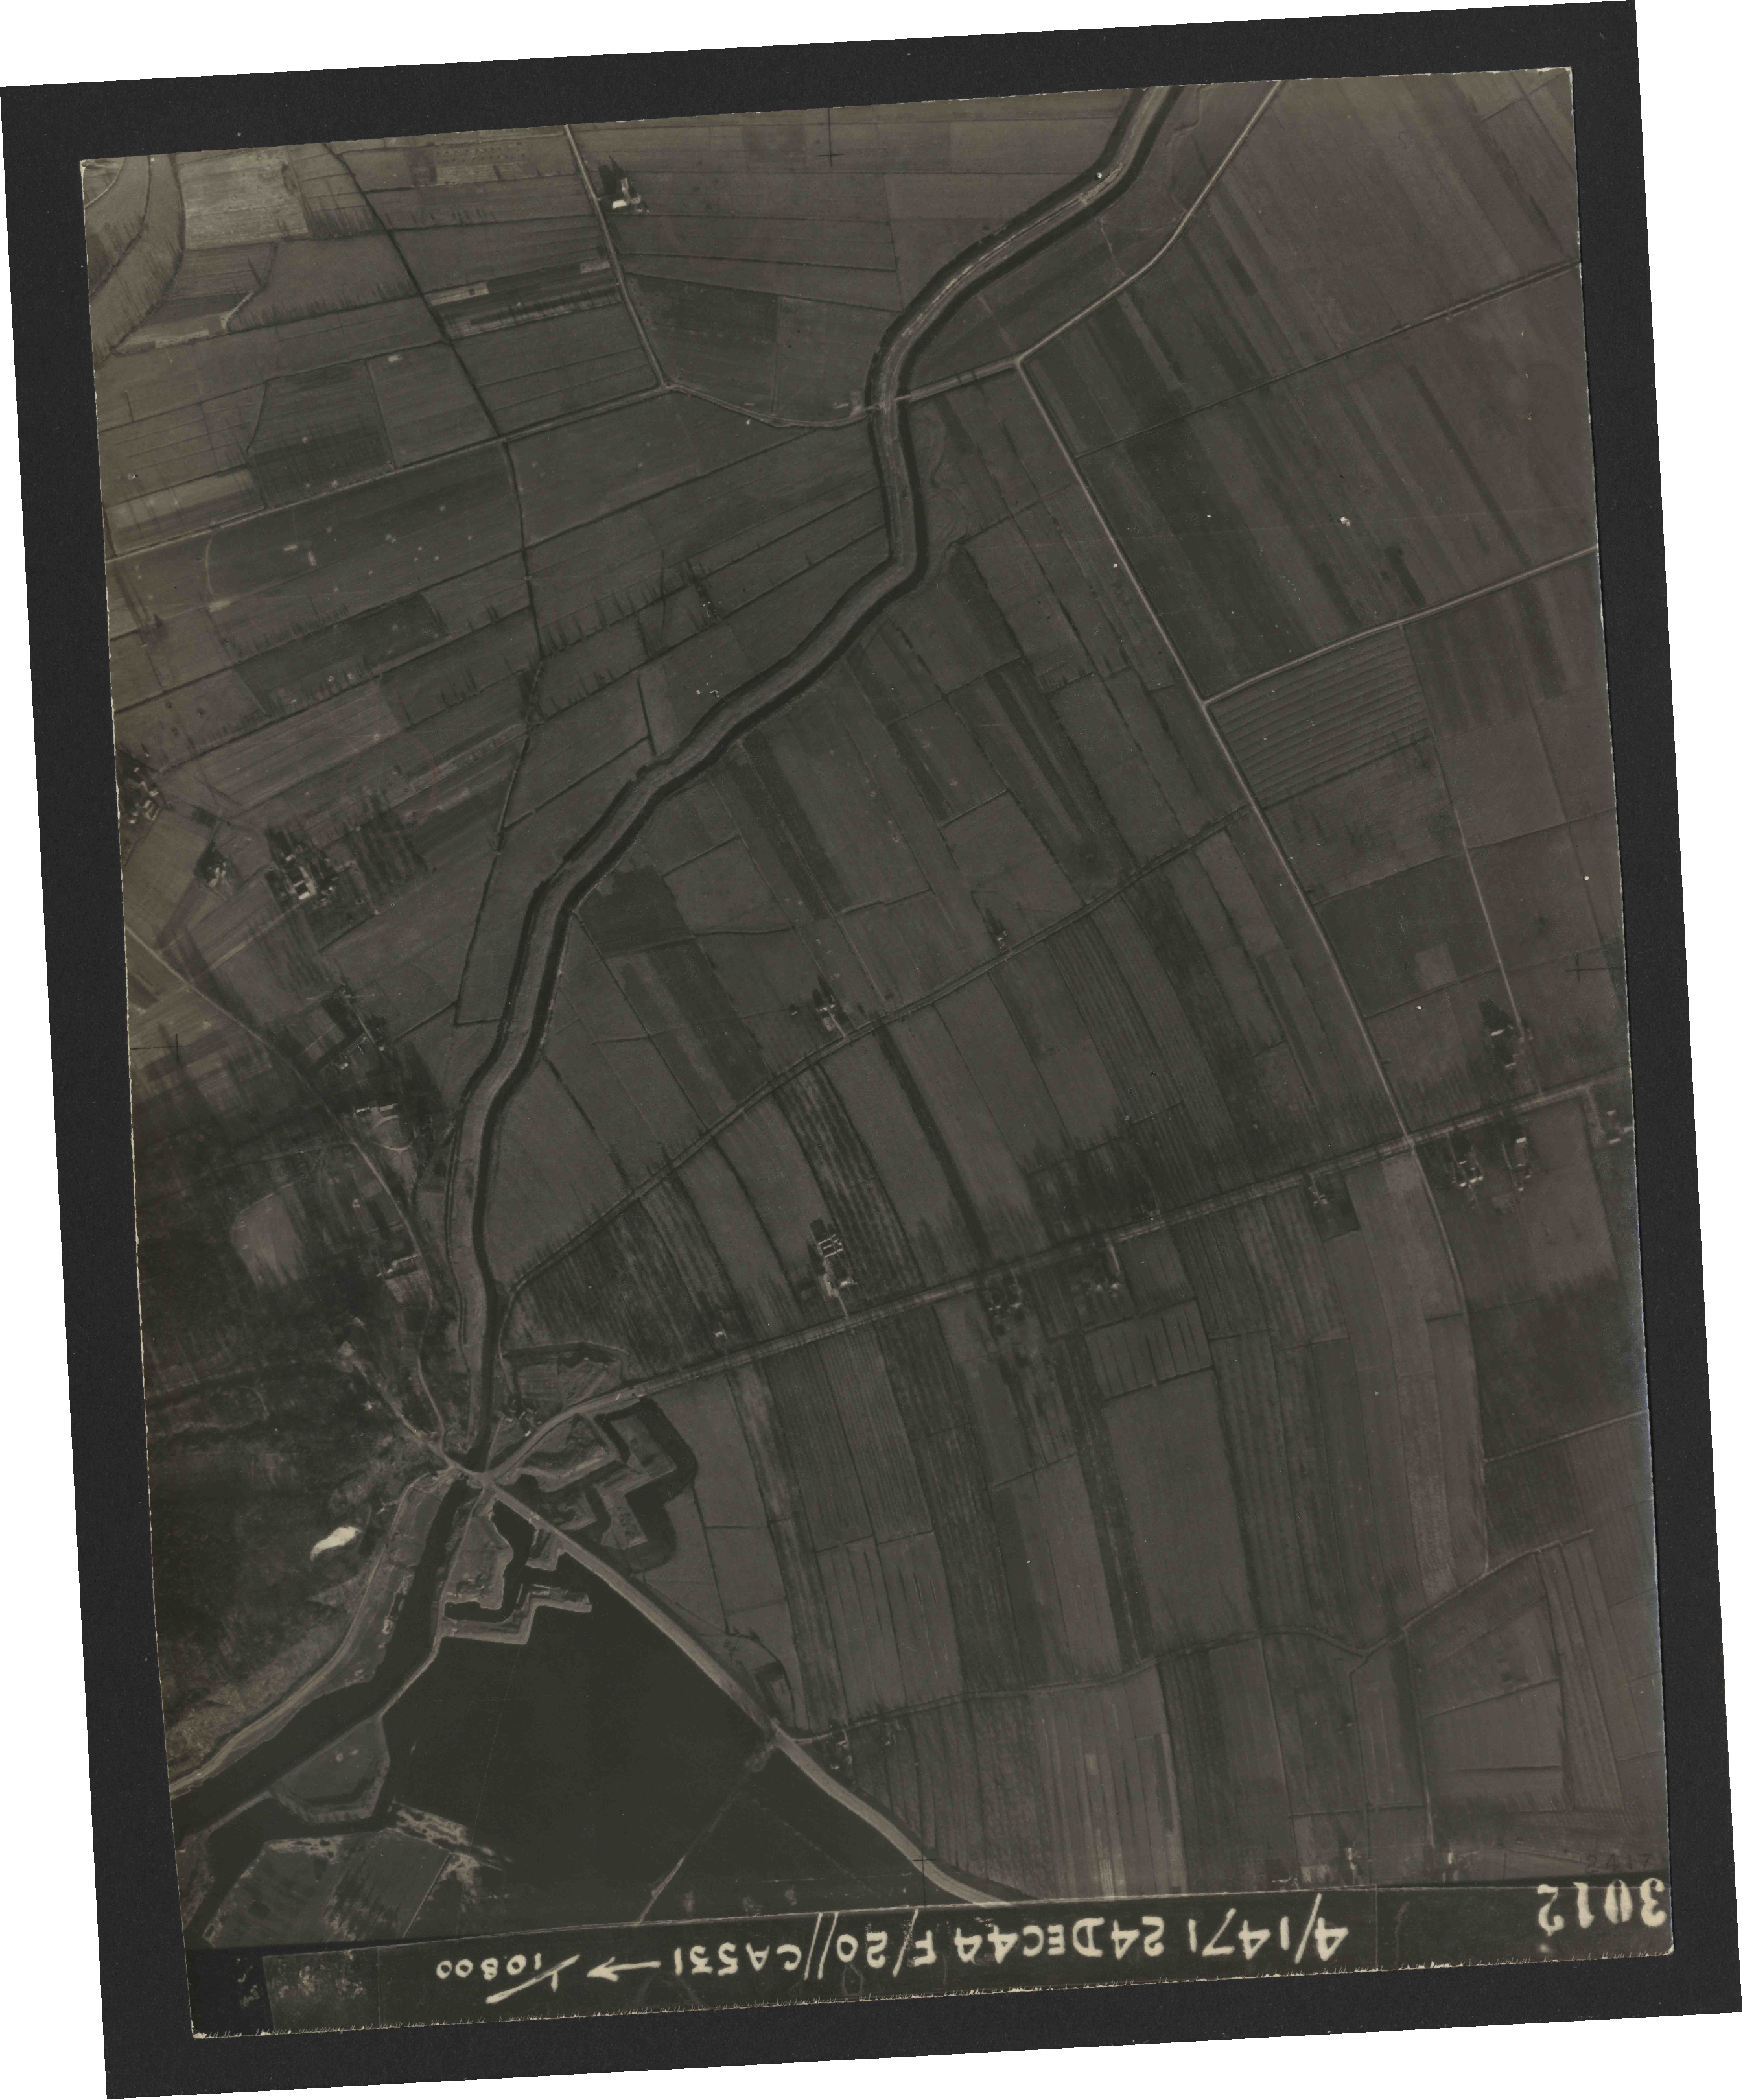 Collection RAF aerial photos 1940-1945 - flight 125, run 06, photo 3012